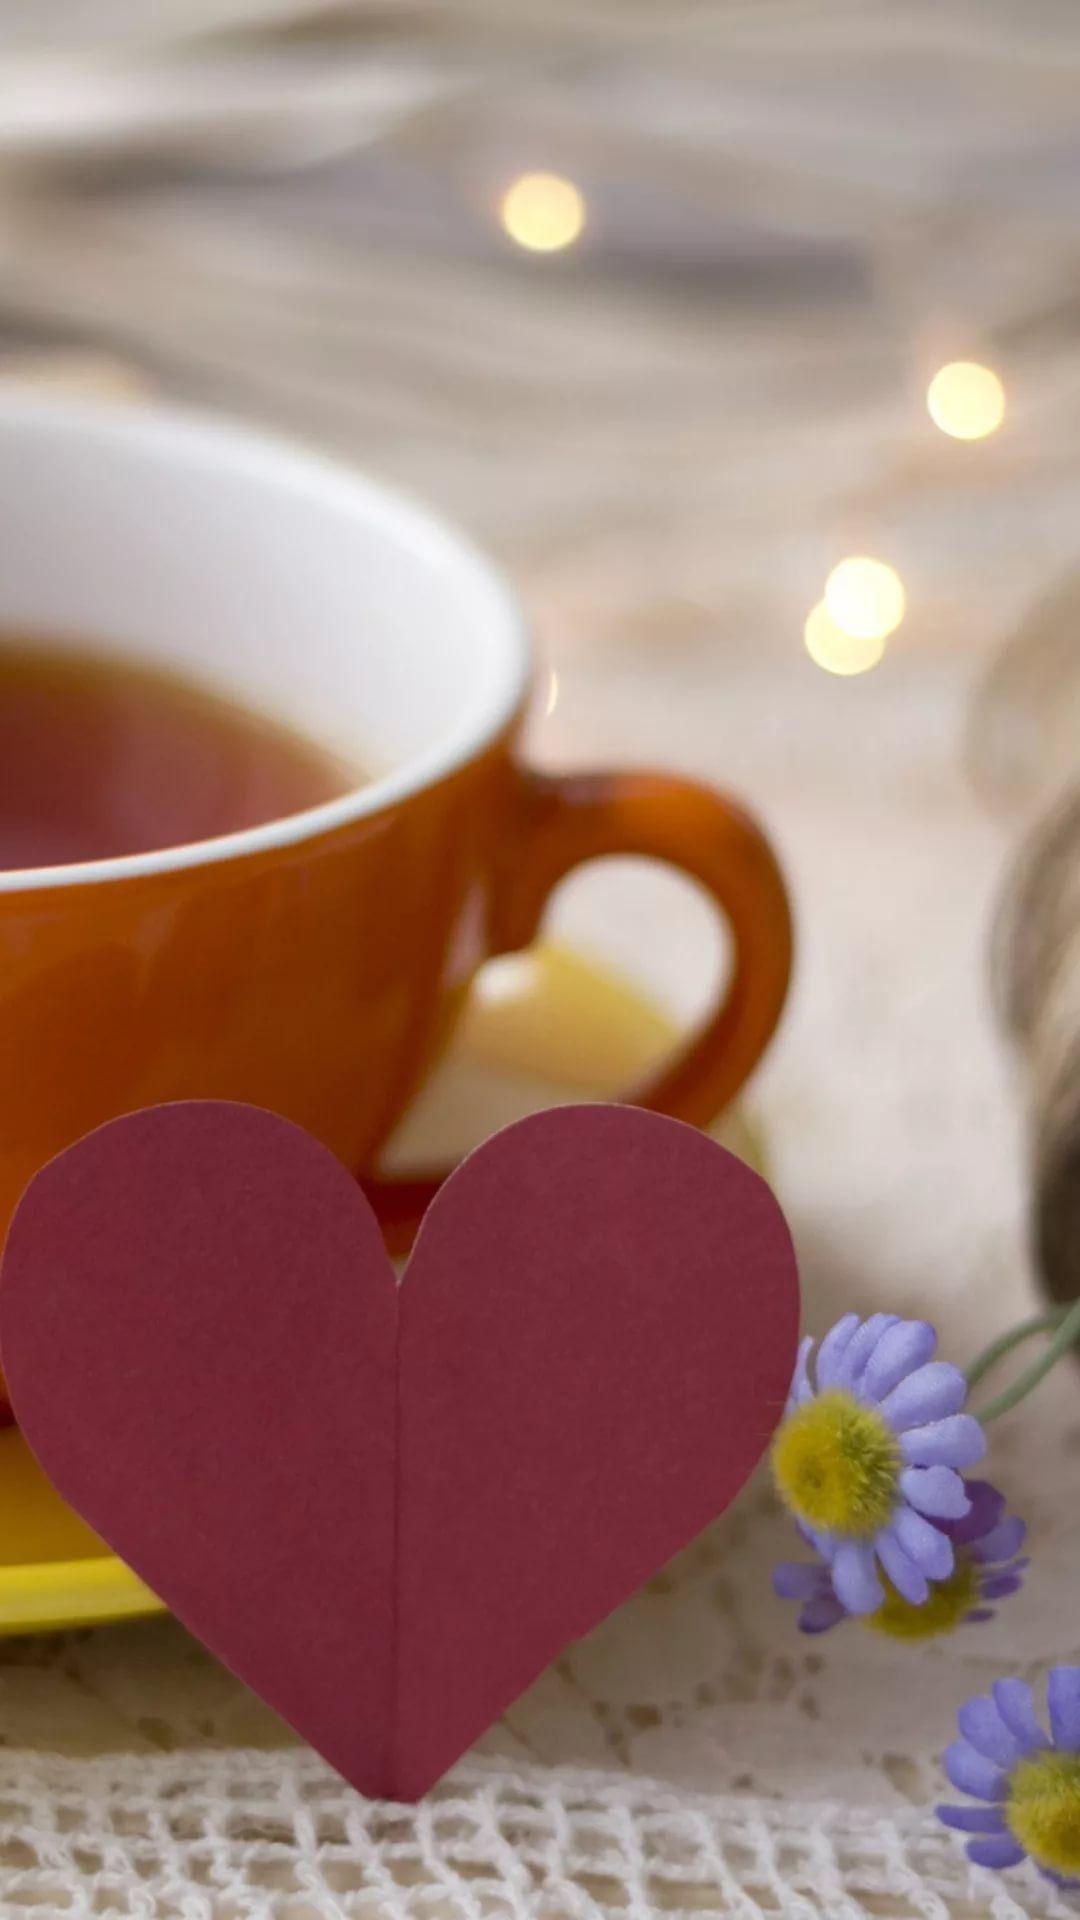 Free Good Morning Image hd wallpaper